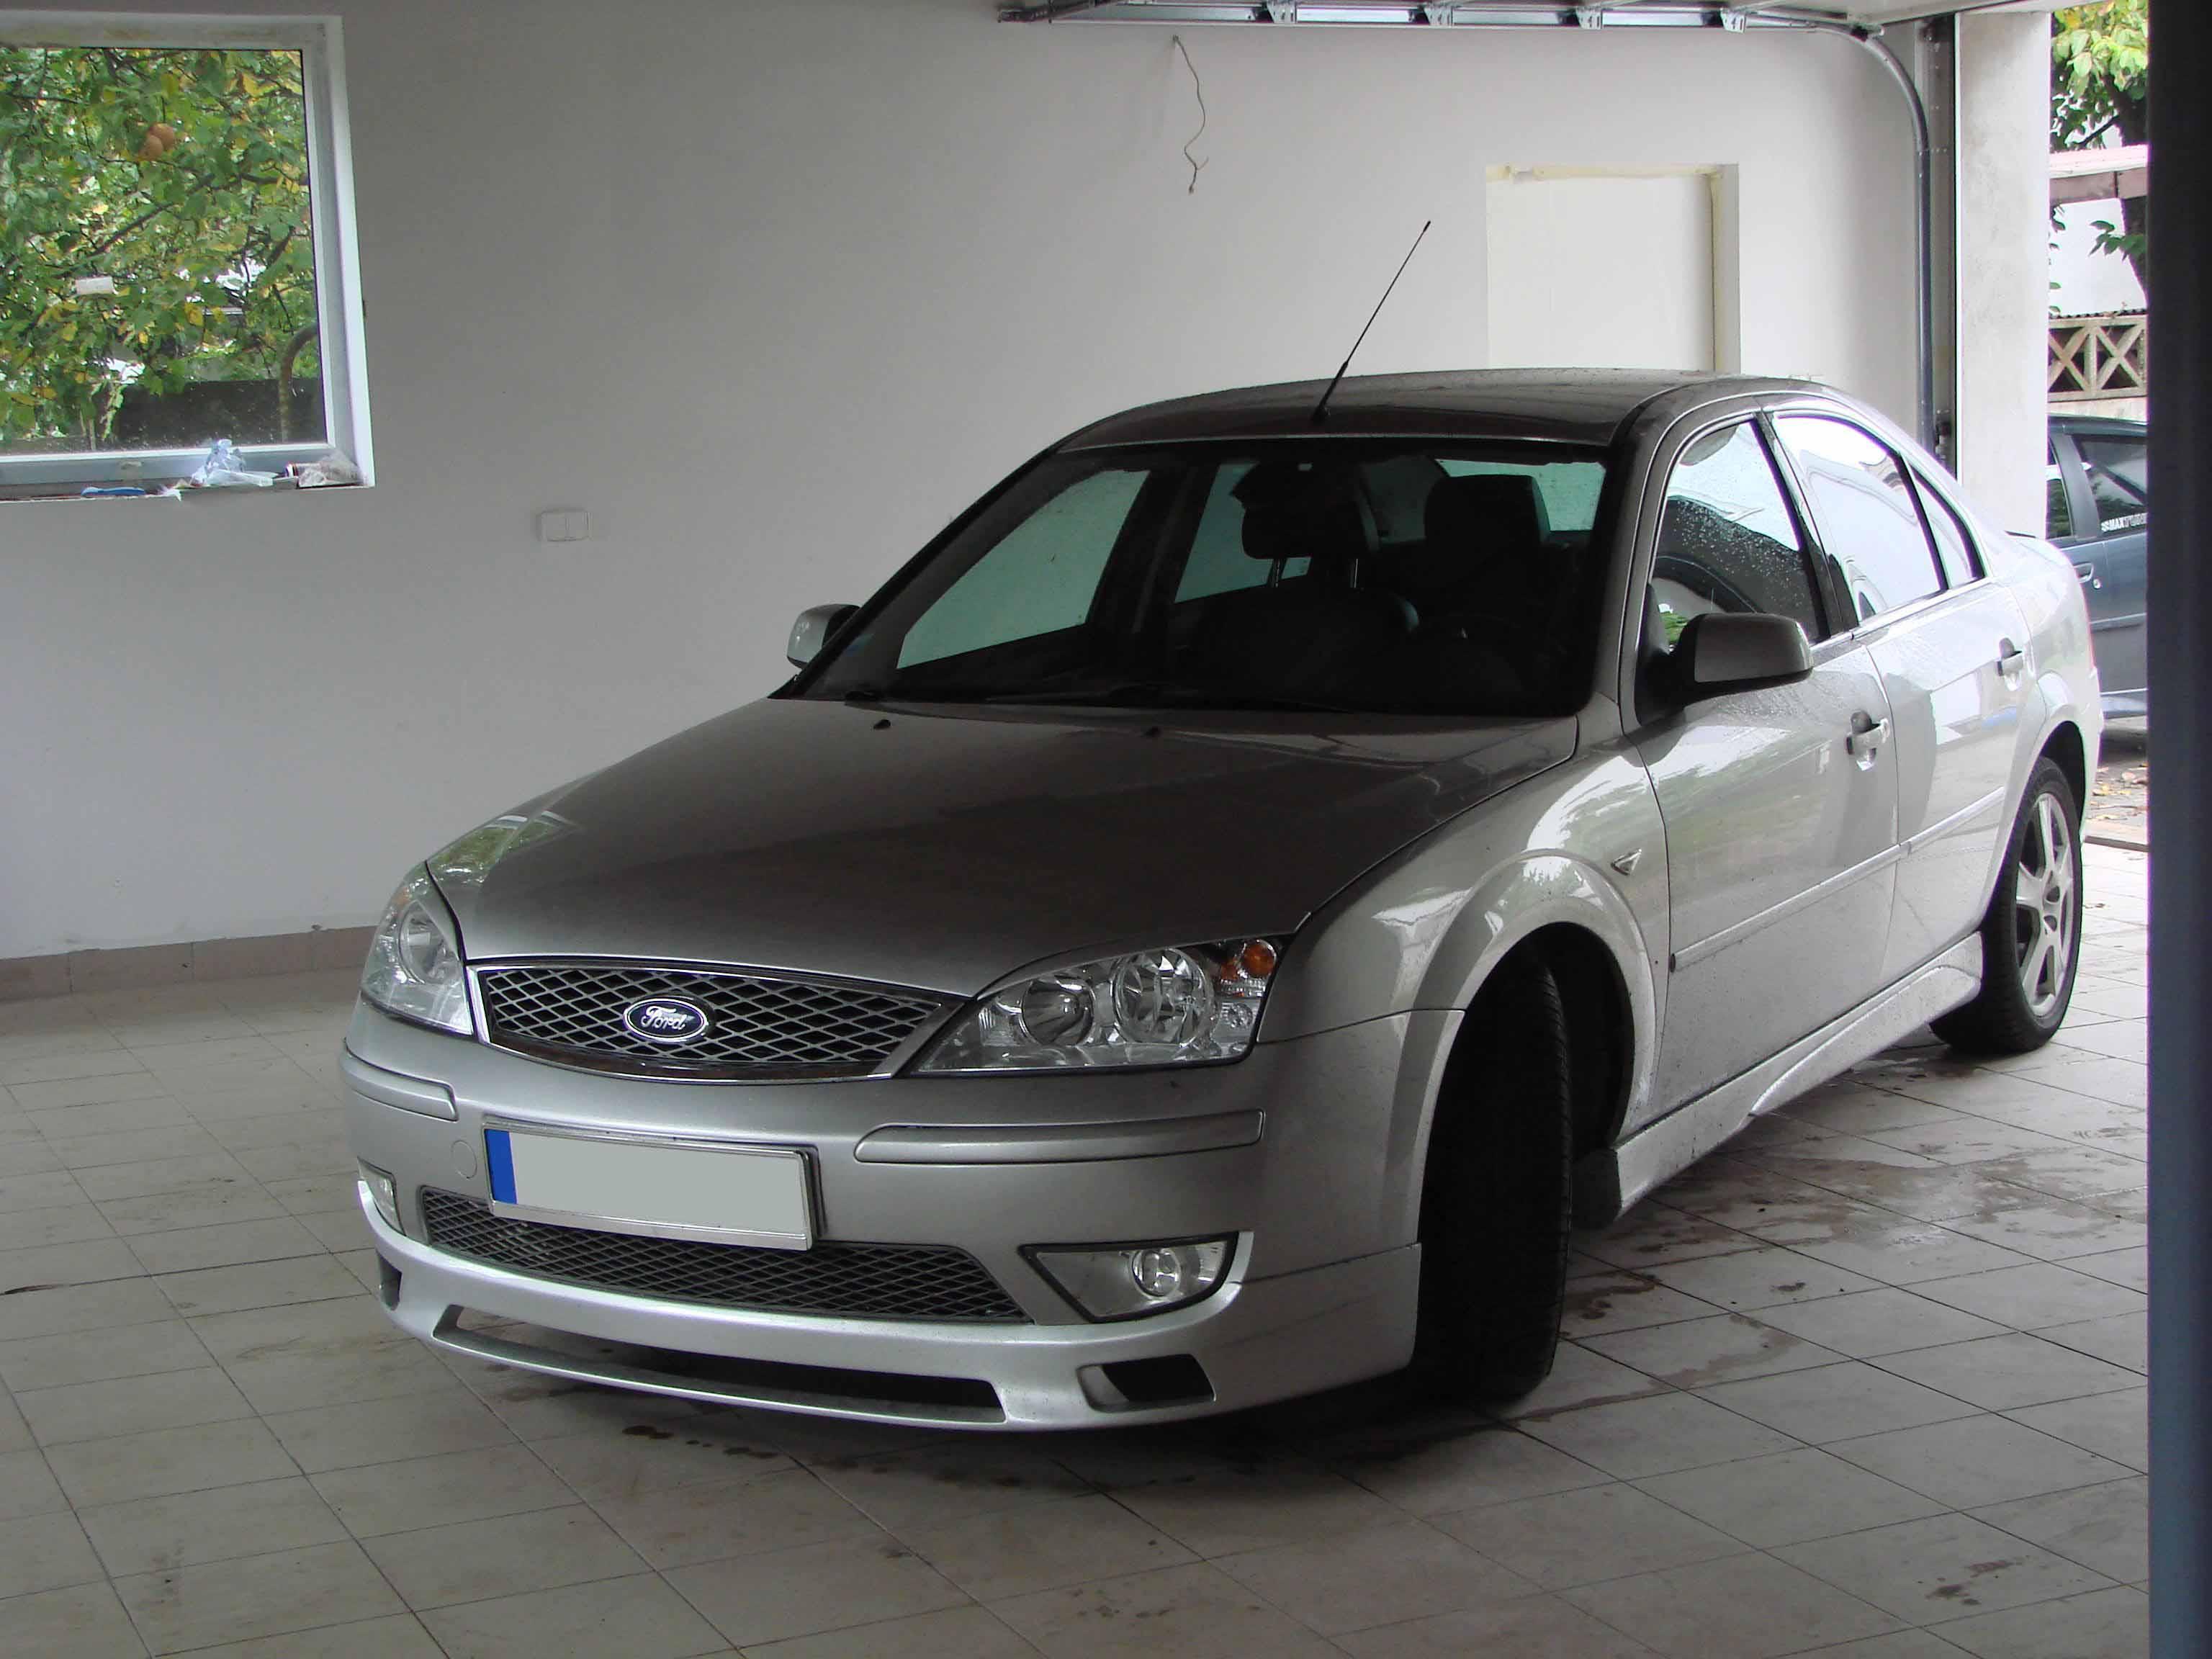 Юбка переднего бампера ford mondeo 3 10 фотография